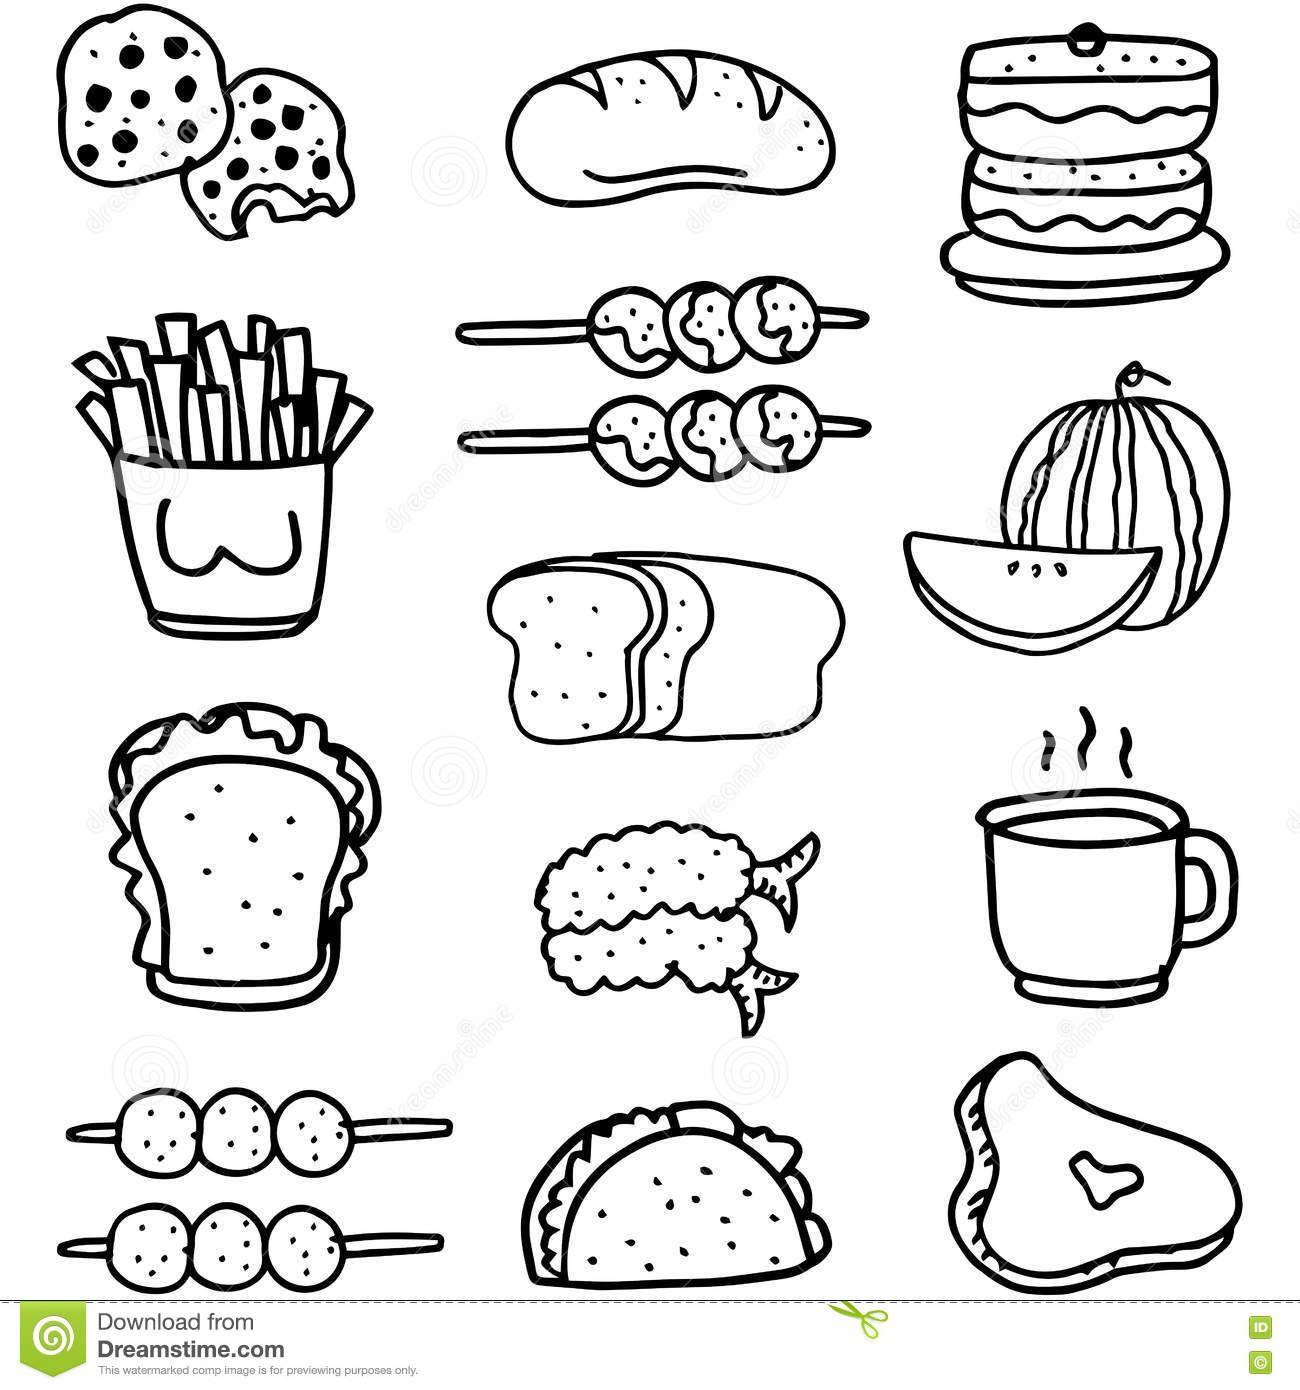 Image Result For Doodle Food